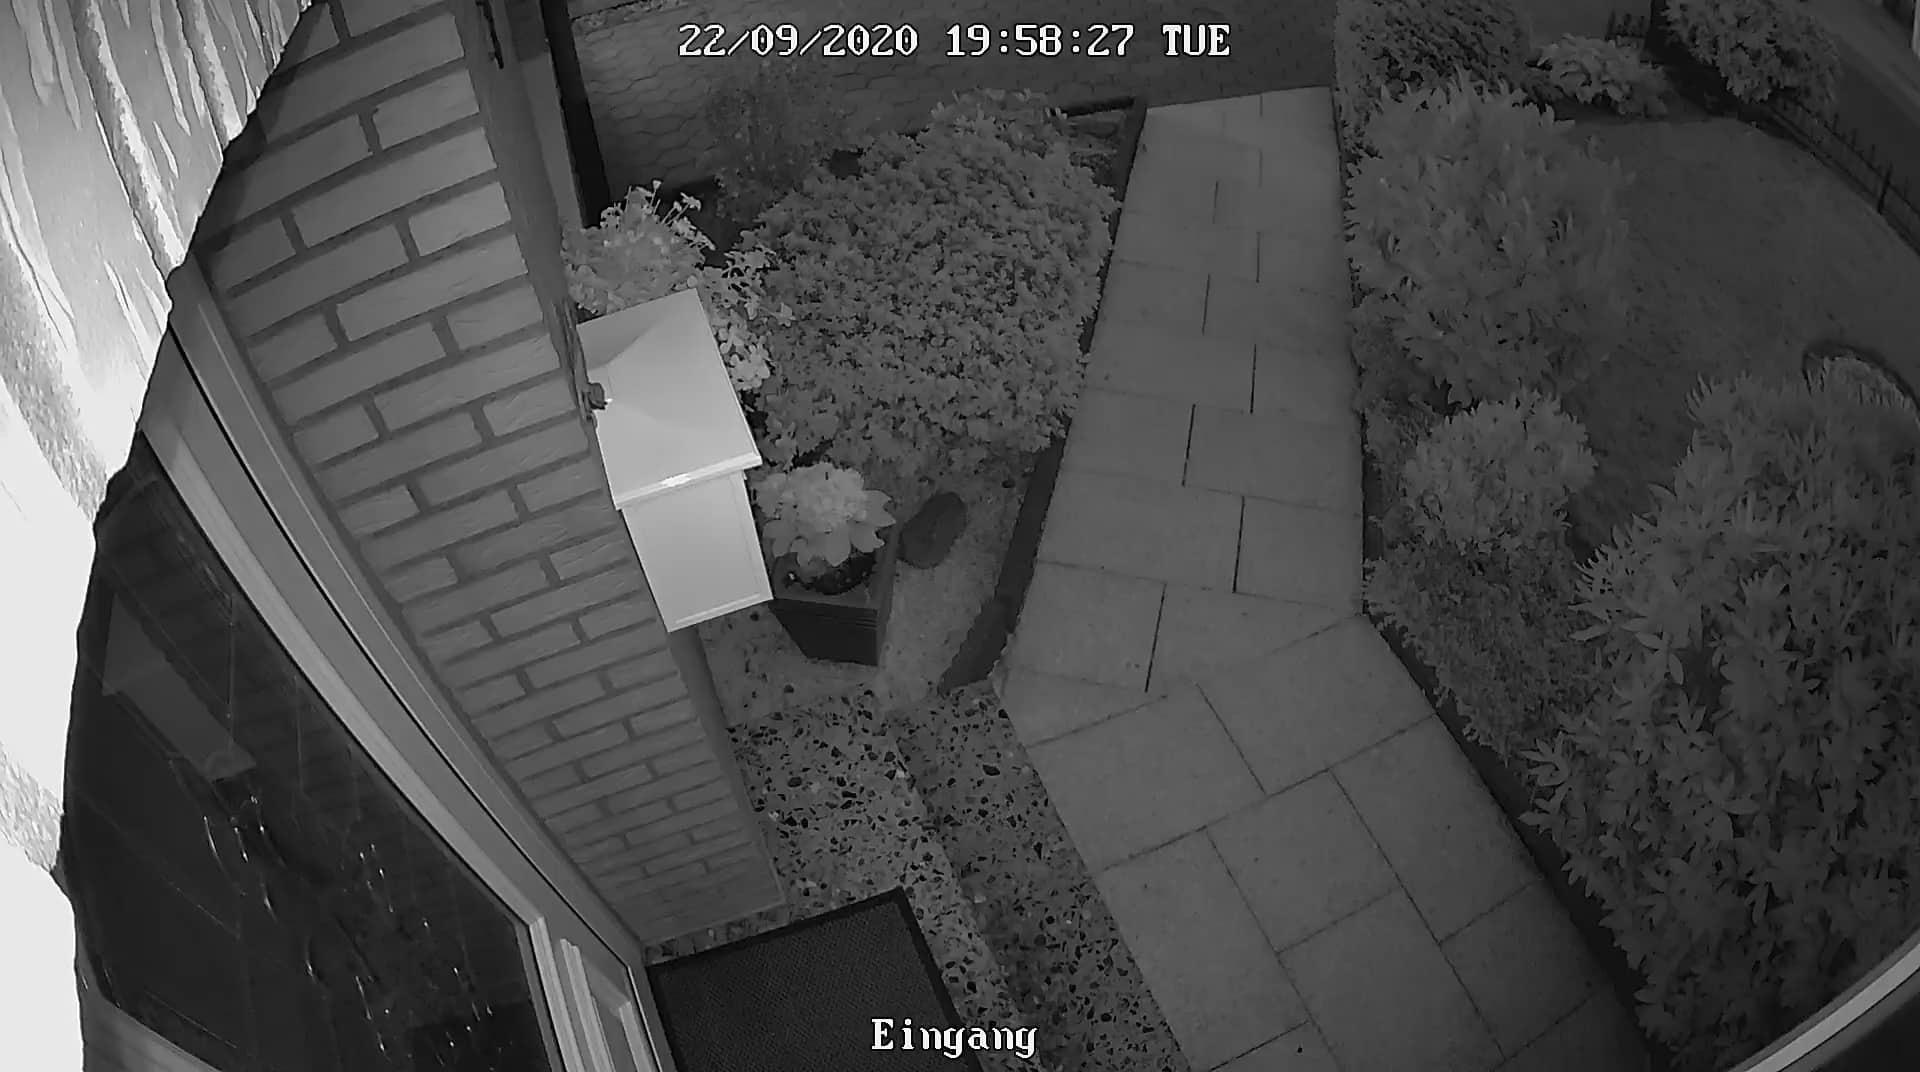 Video Überwachung des Eingangsbereichs bei Nacht